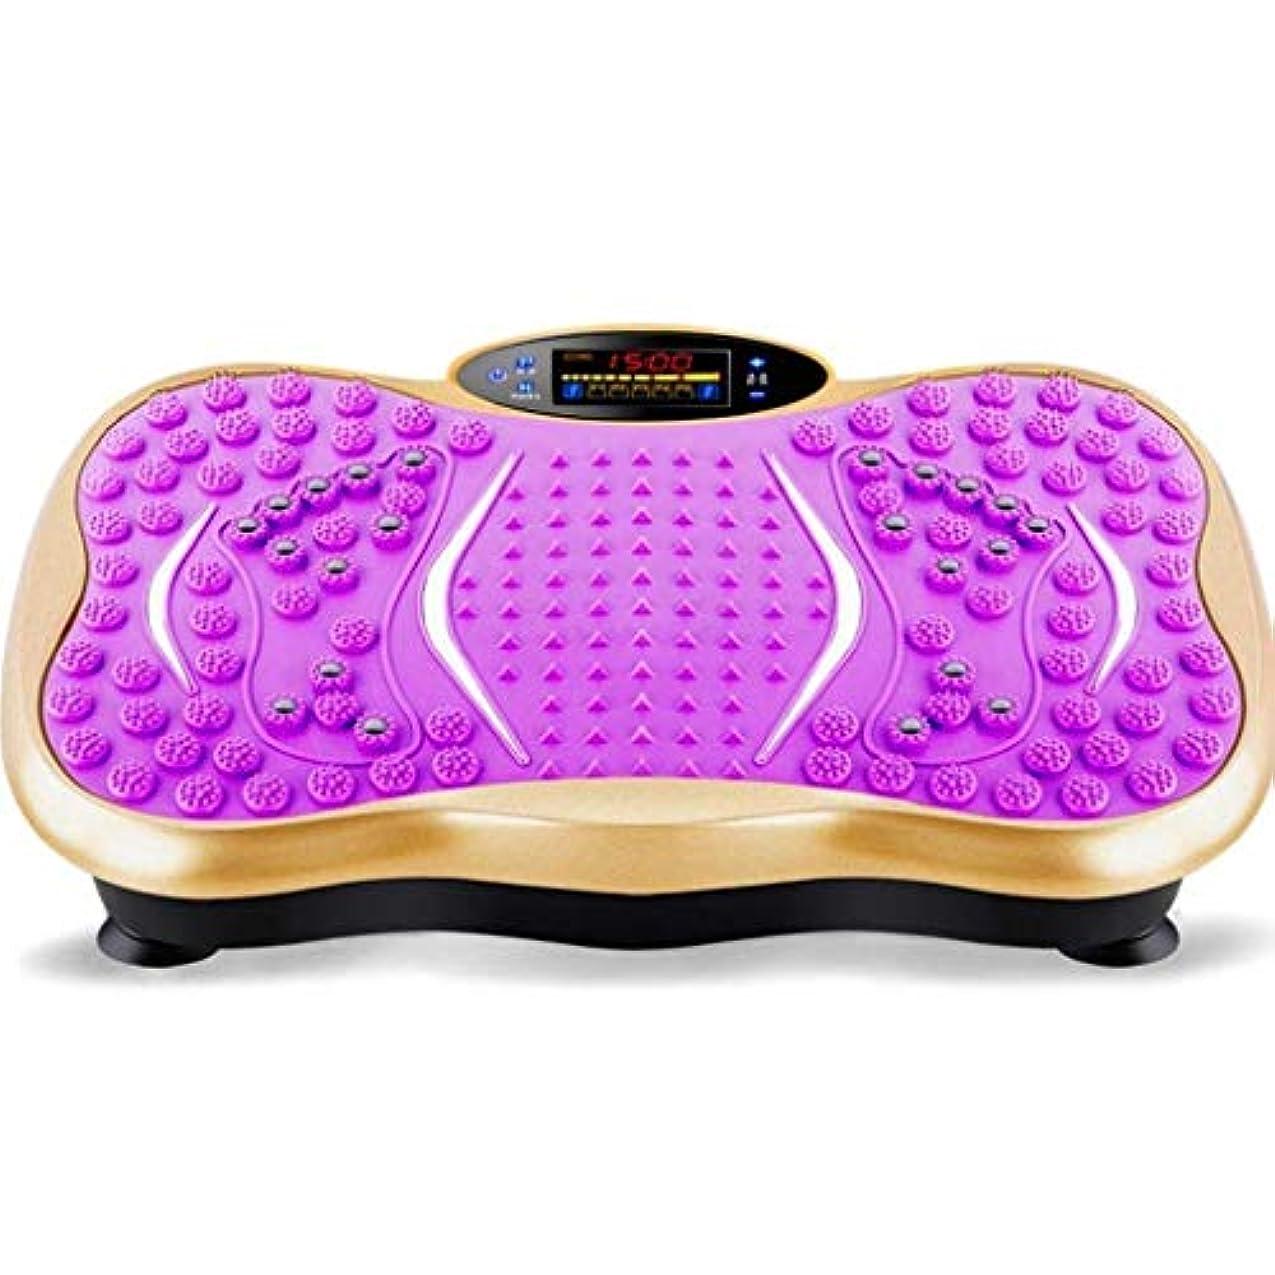 ベッドトーン山積みの減量マシン、ジム/ホームフィットネスプロフェッショナルバイブレーショントレーナー、Bluetooth音楽スピーカーエクササイズフィットネスマシントレーナー体の振動による過剰な脂肪の削減